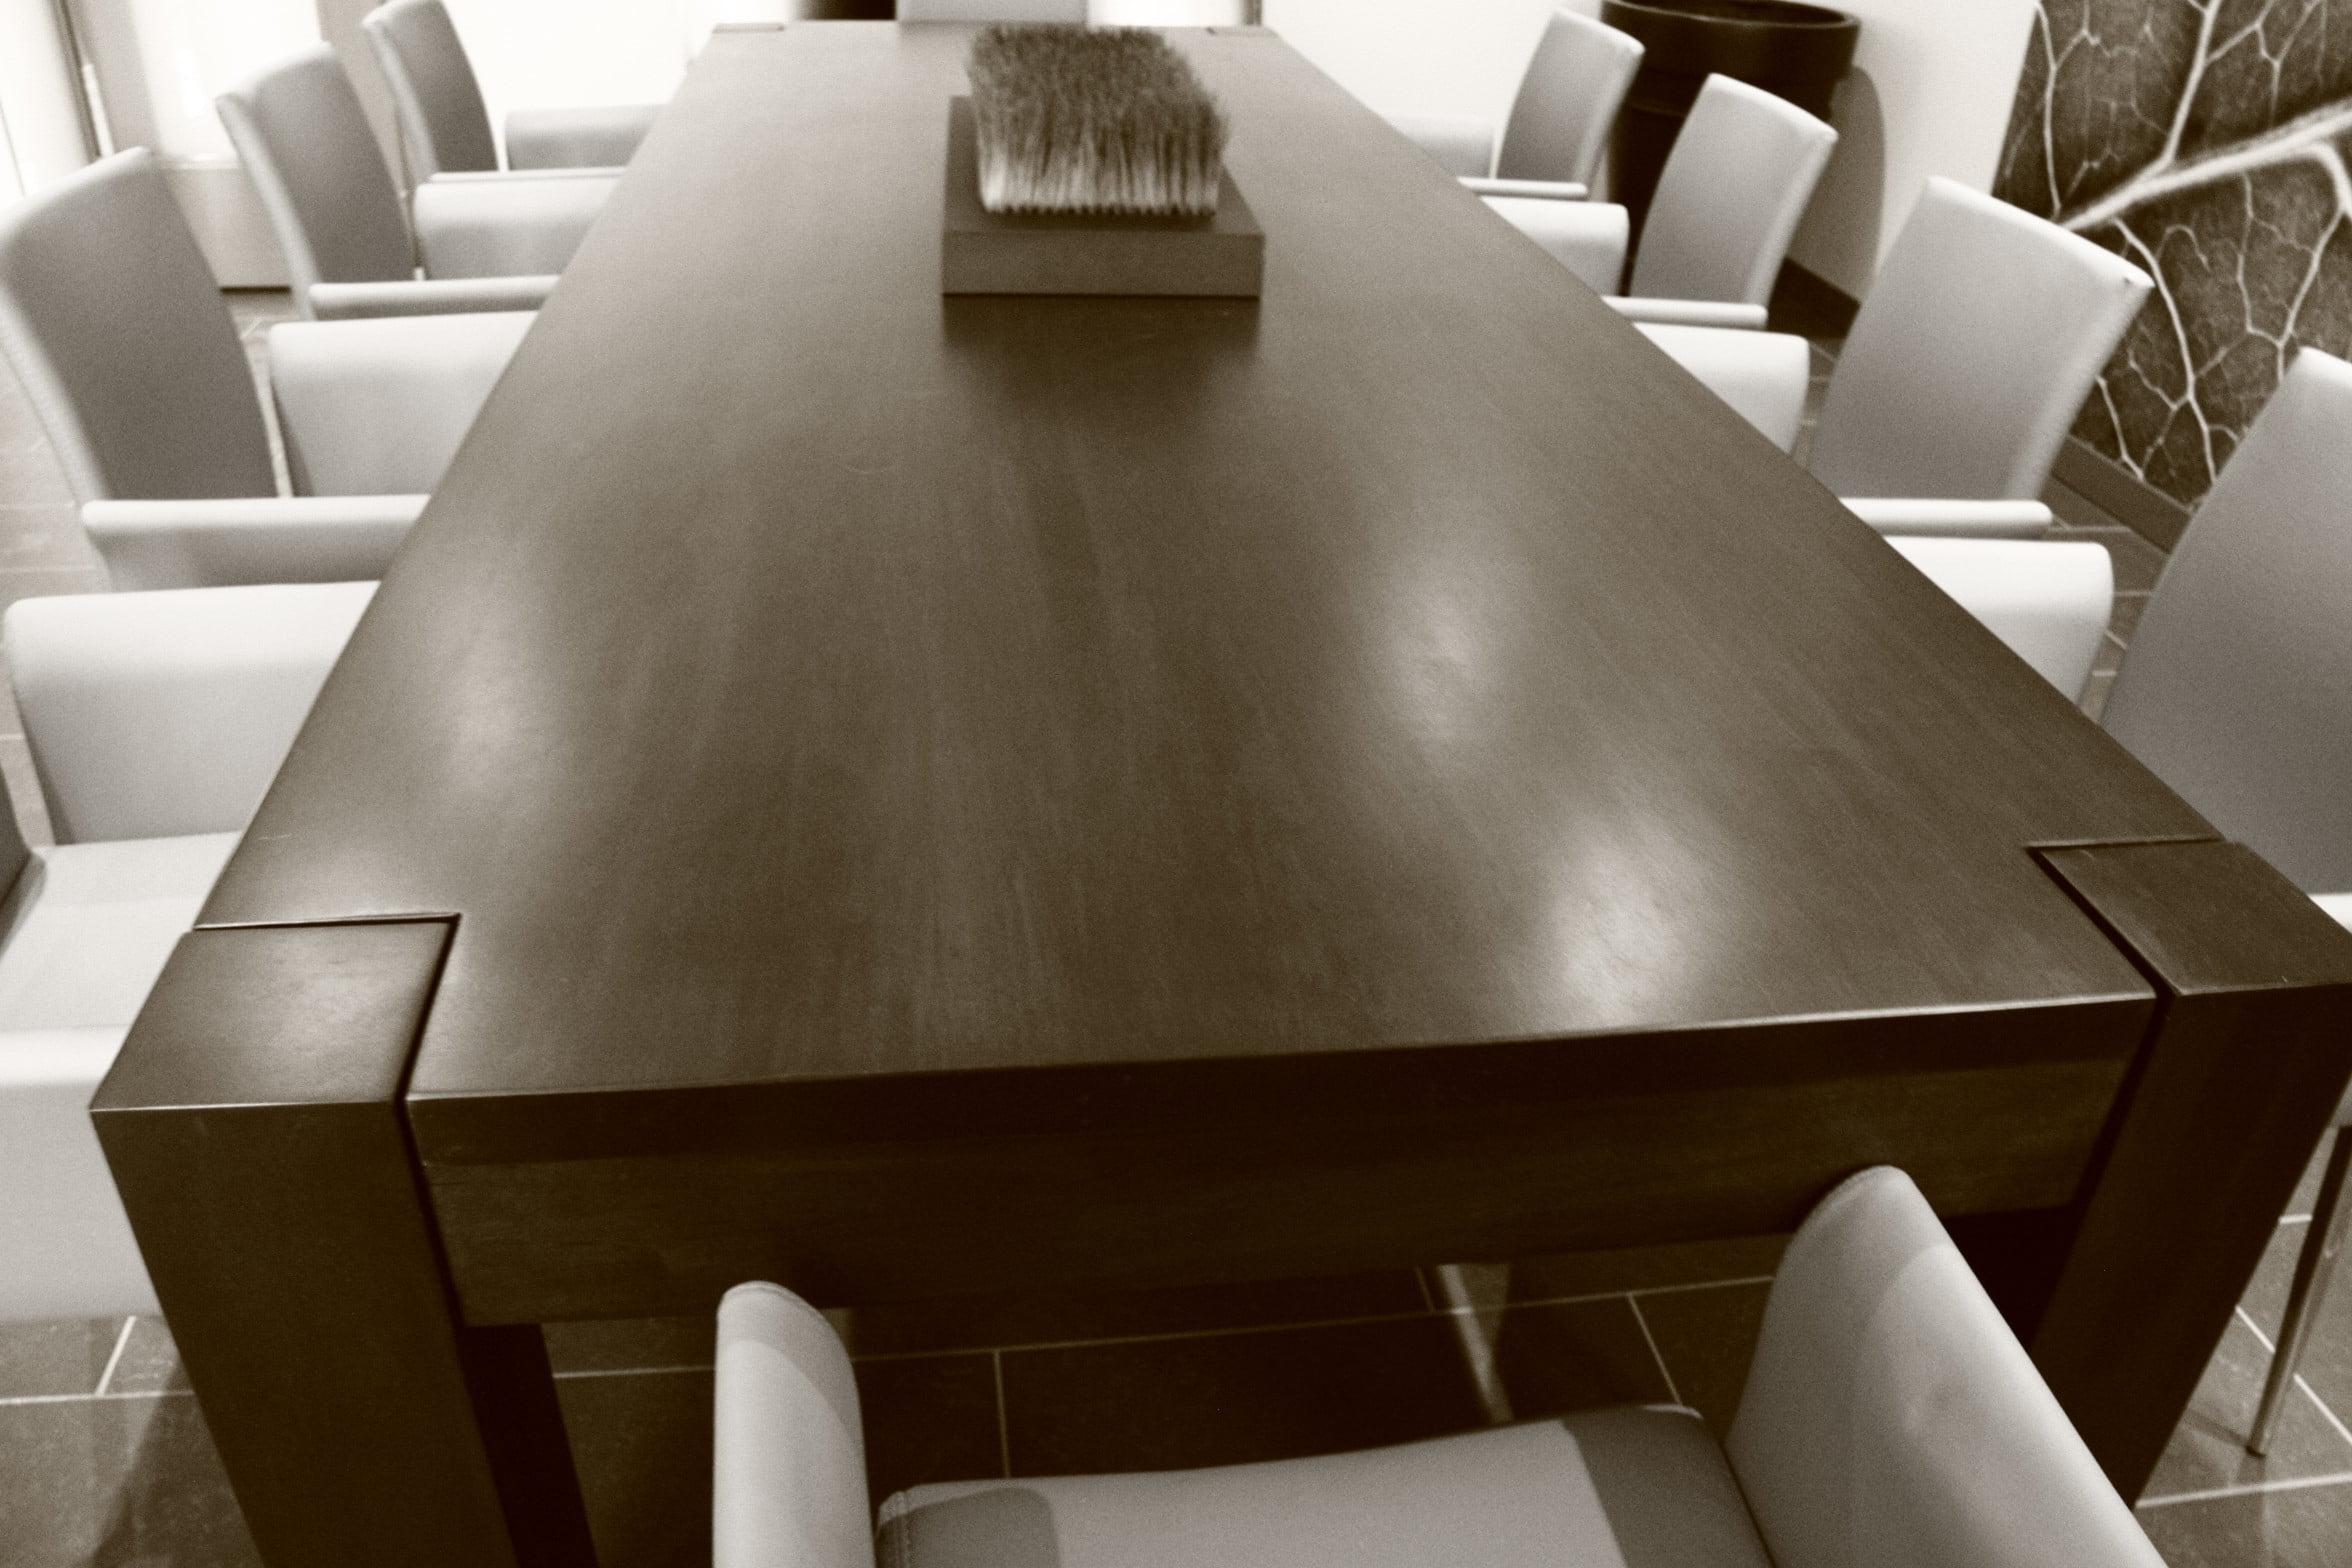 Table de travail paul 3 meubles sur mesure meubles for Meuble hochelaga montreal